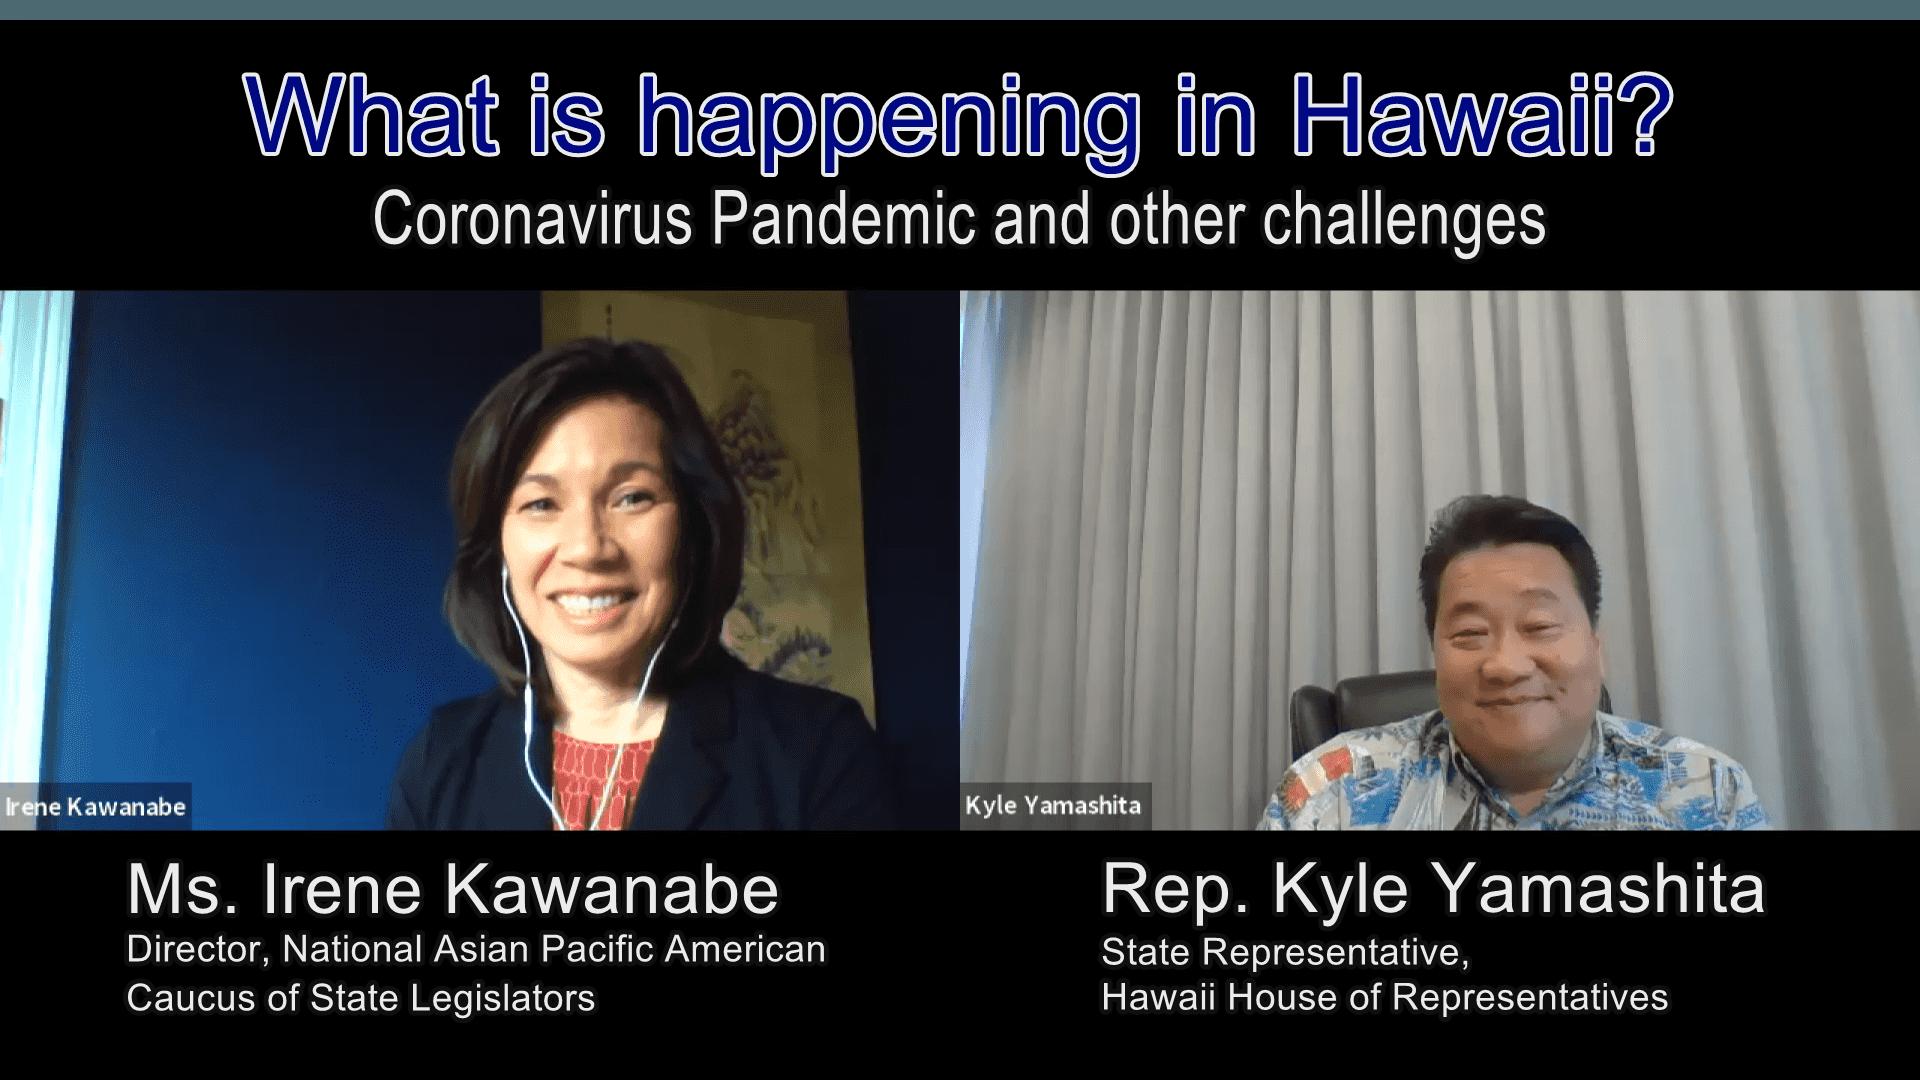 【動画】今ハワイ州では何が起きているのか?~COVID-19との戦い、そして社会的課題~